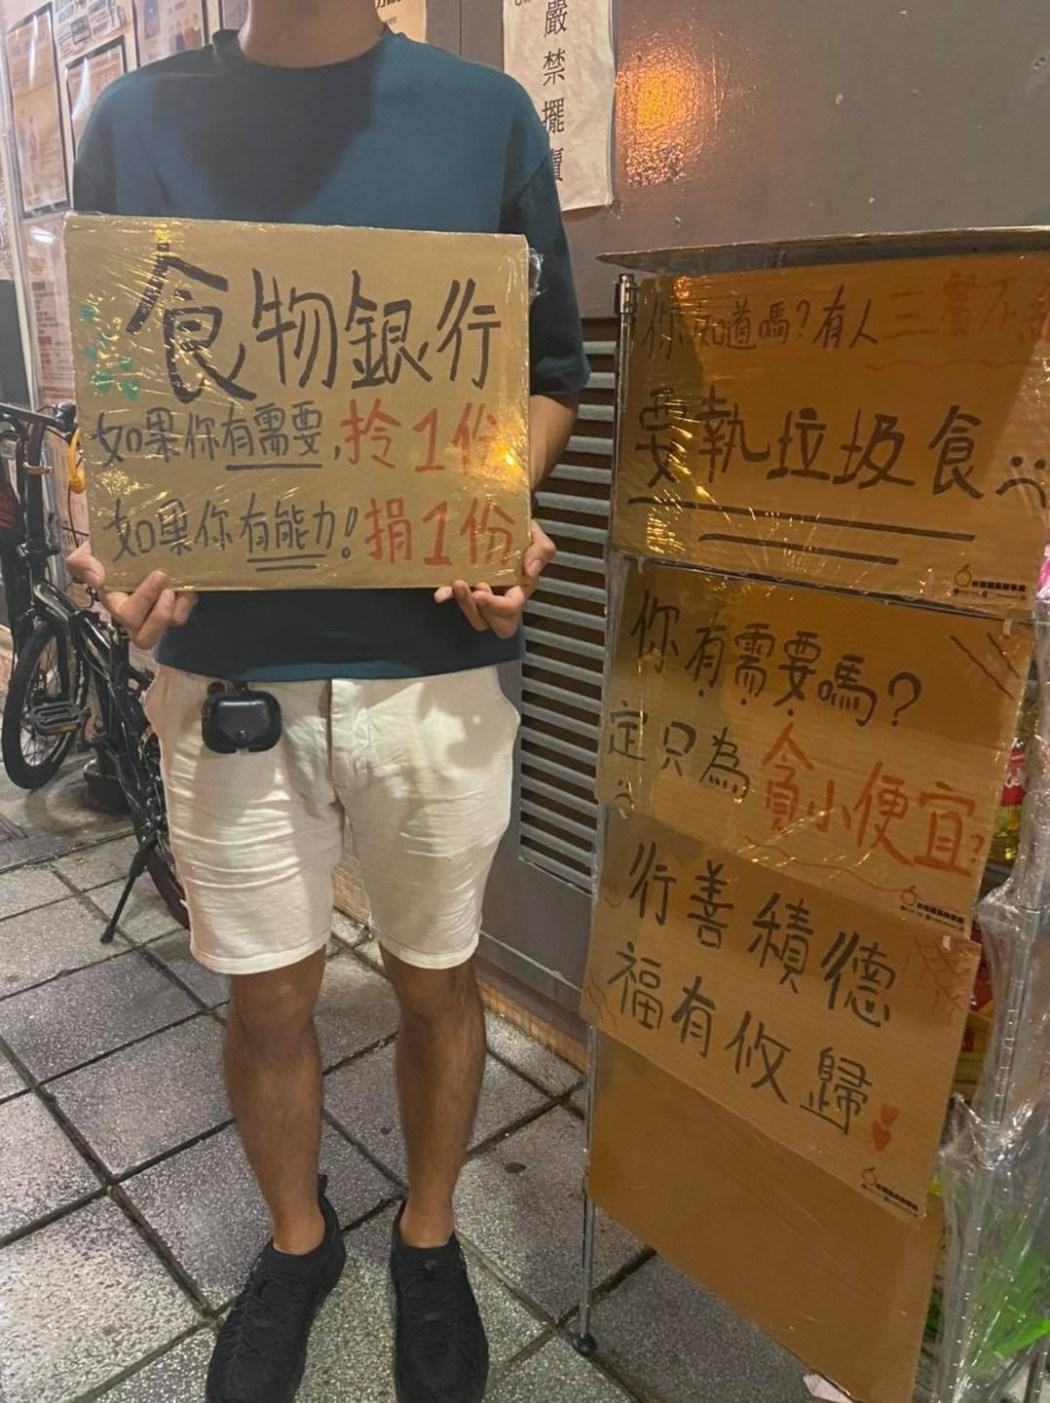 Lam Chun's food bank Photo: Lam Chun's Facebook